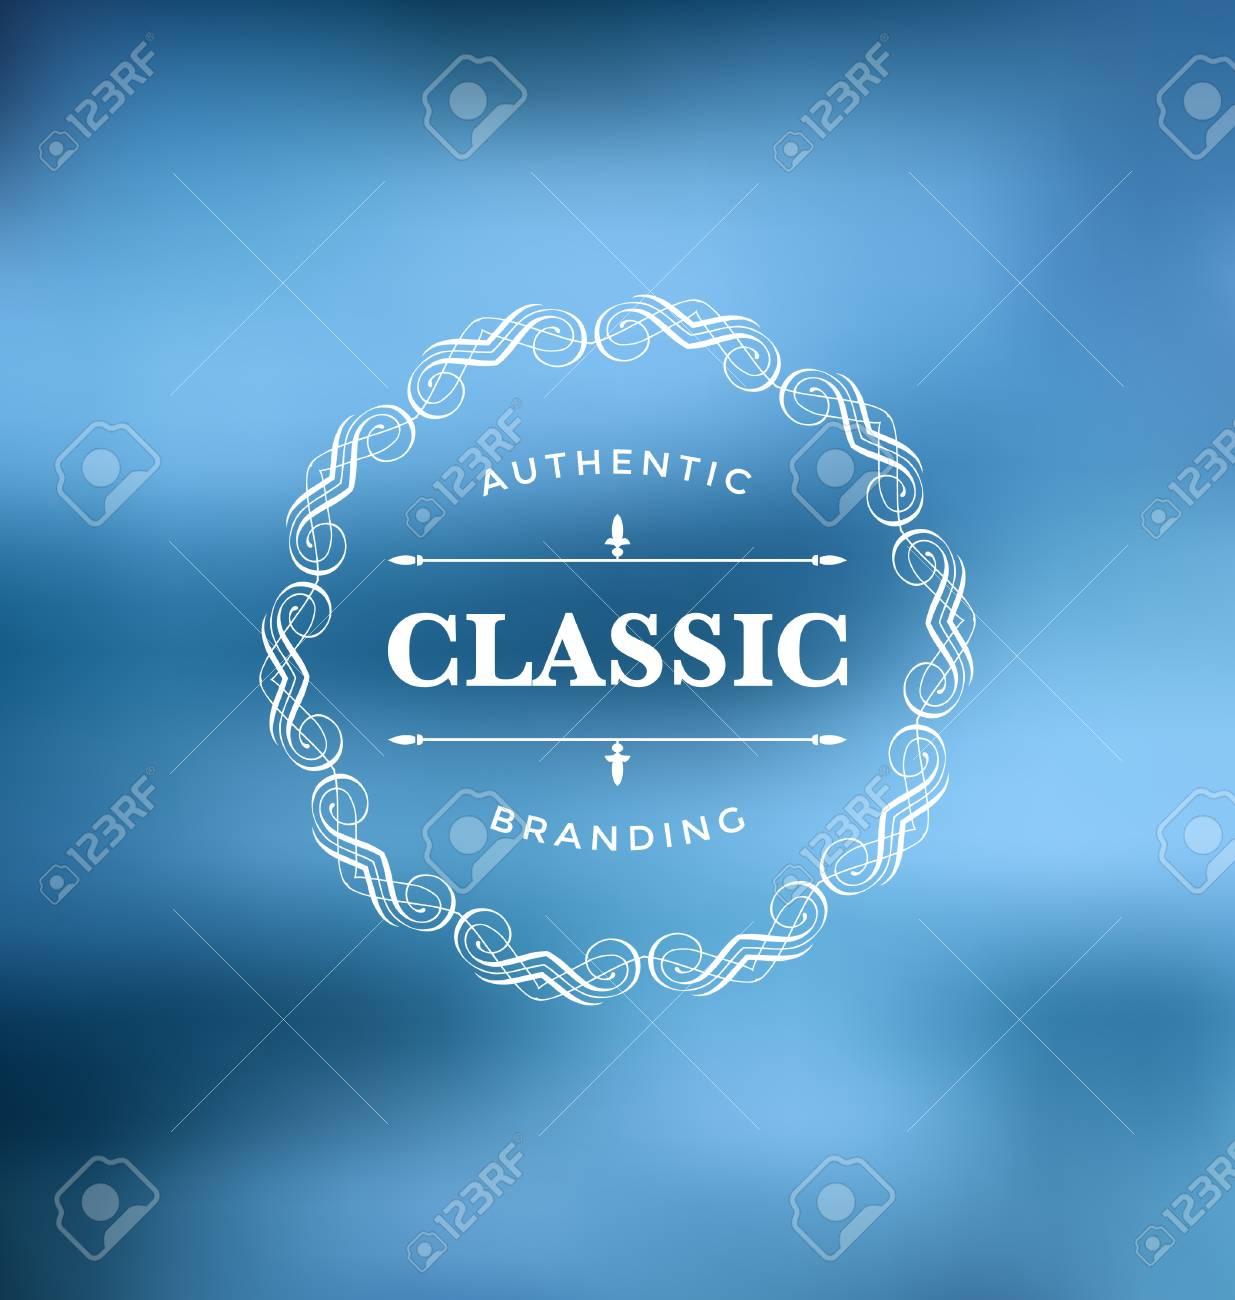 c6147e85f2ad Banque d images - Modèle de conception d étiquette calligraphique - Style  ornemental classique. Cadre élégant et typographie sur fond bleu cool -  Logo idéal ...